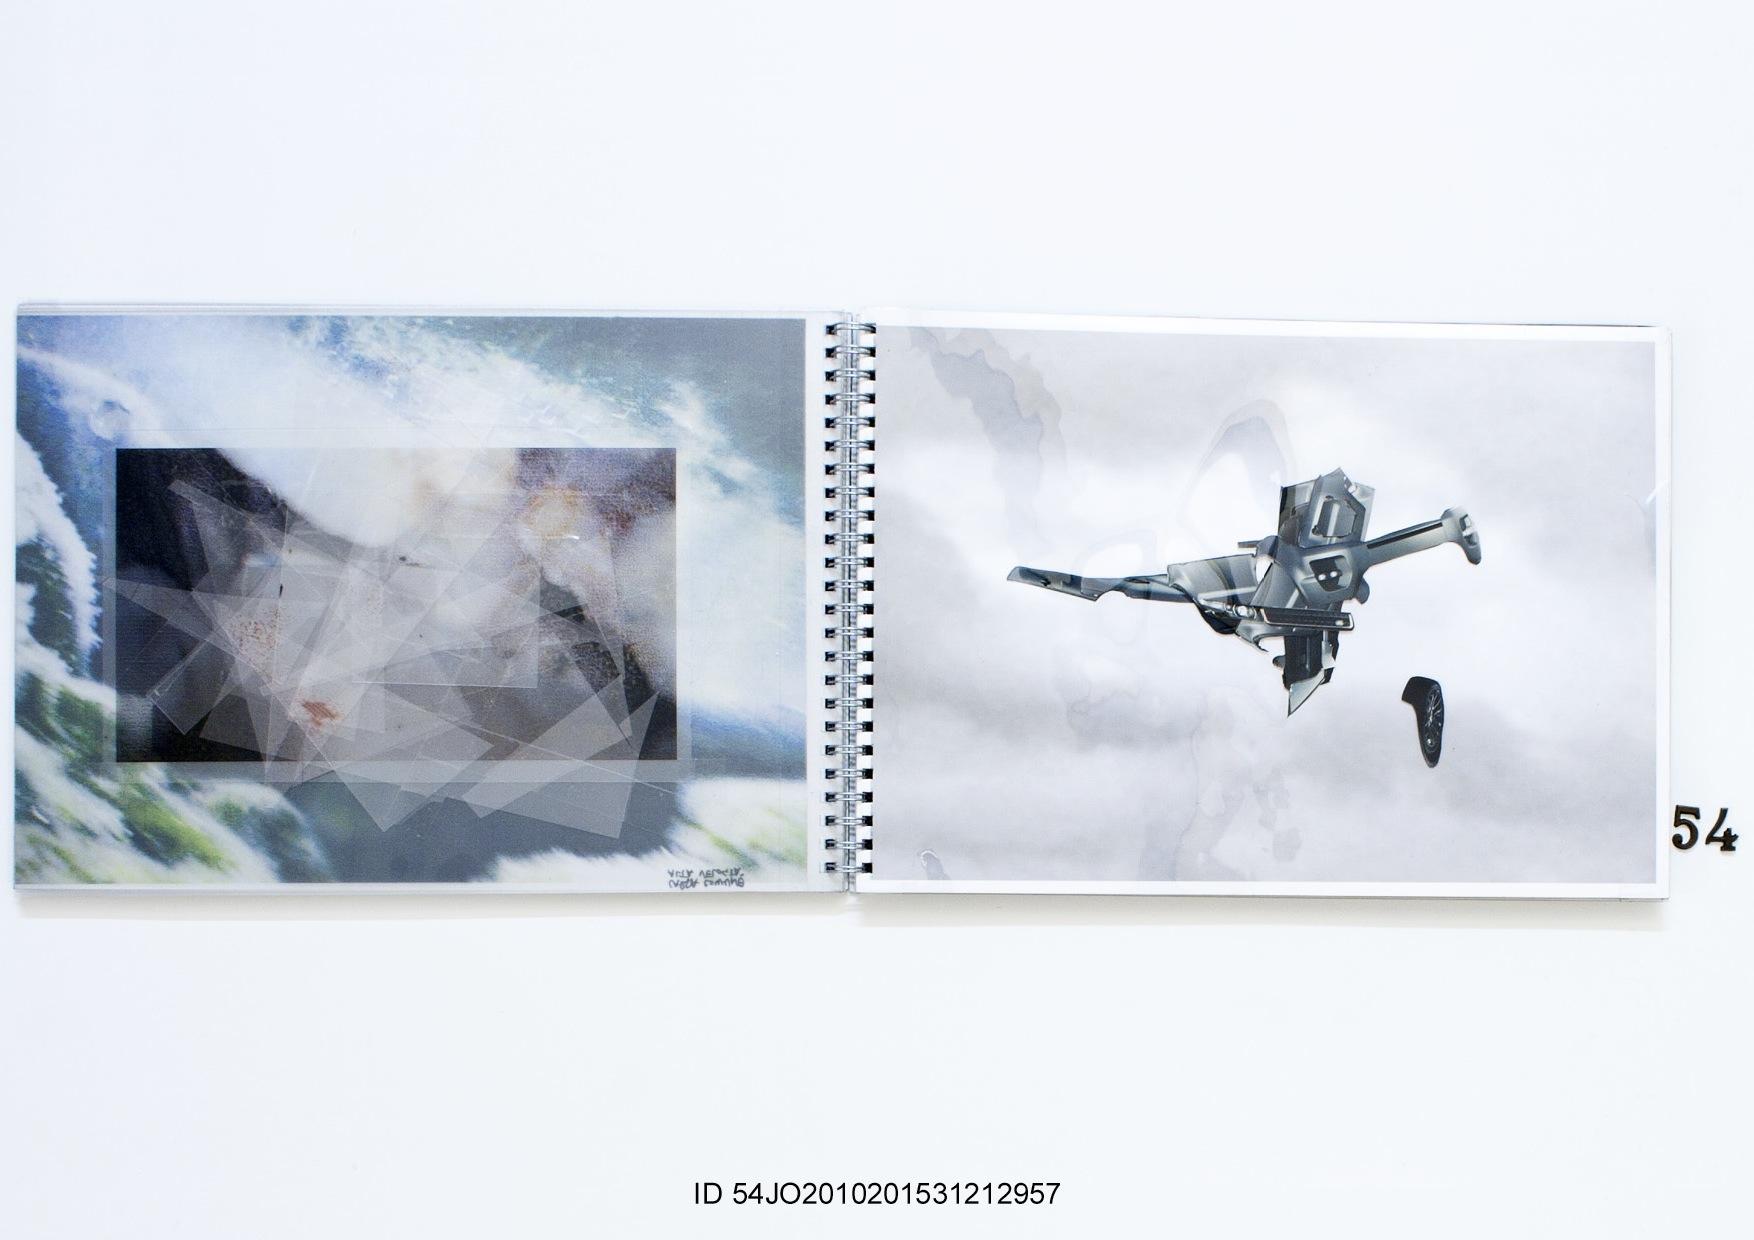 LS_130a